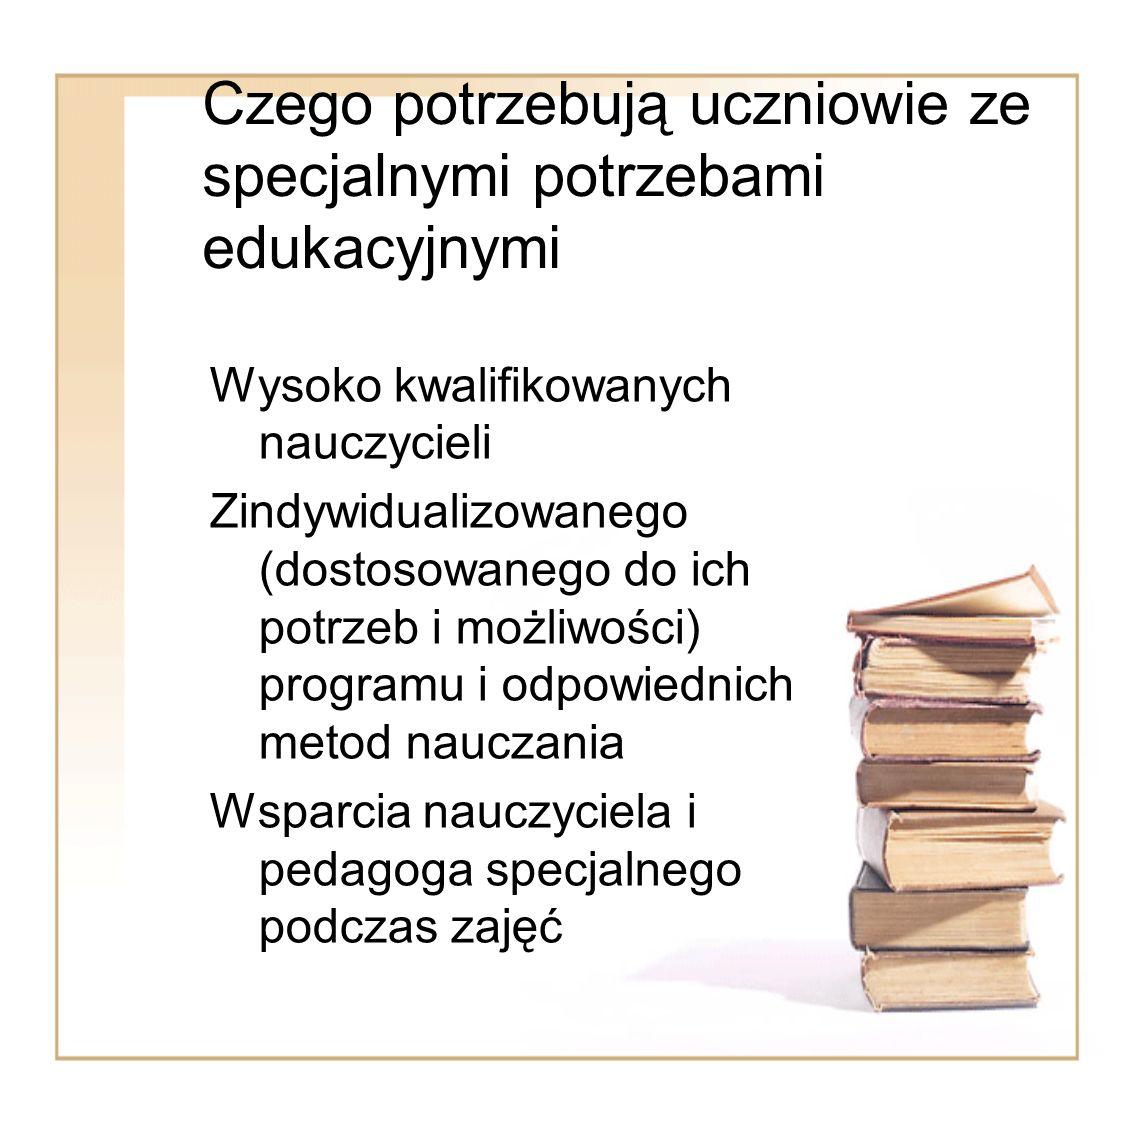 Czego potrzebują uczniowie ze specjalnymi potrzebami edukacyjnymi Wysoko kwalifikowanych nauczycieli Zindywidualizowanego (dostosowanego do ich potrze